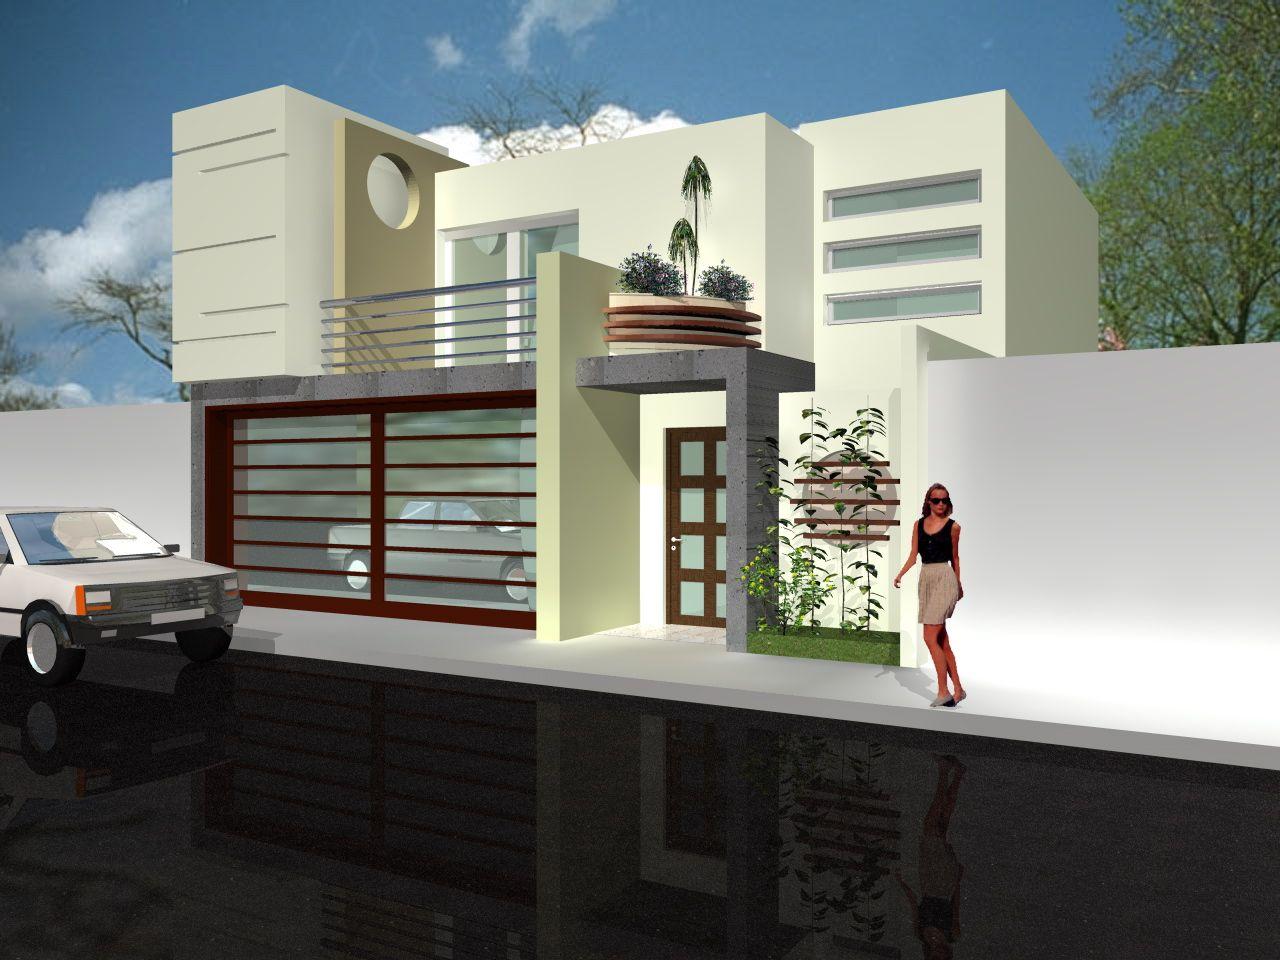 Portones residenciales minimalista buscar con google for Casas minimalistas grandes